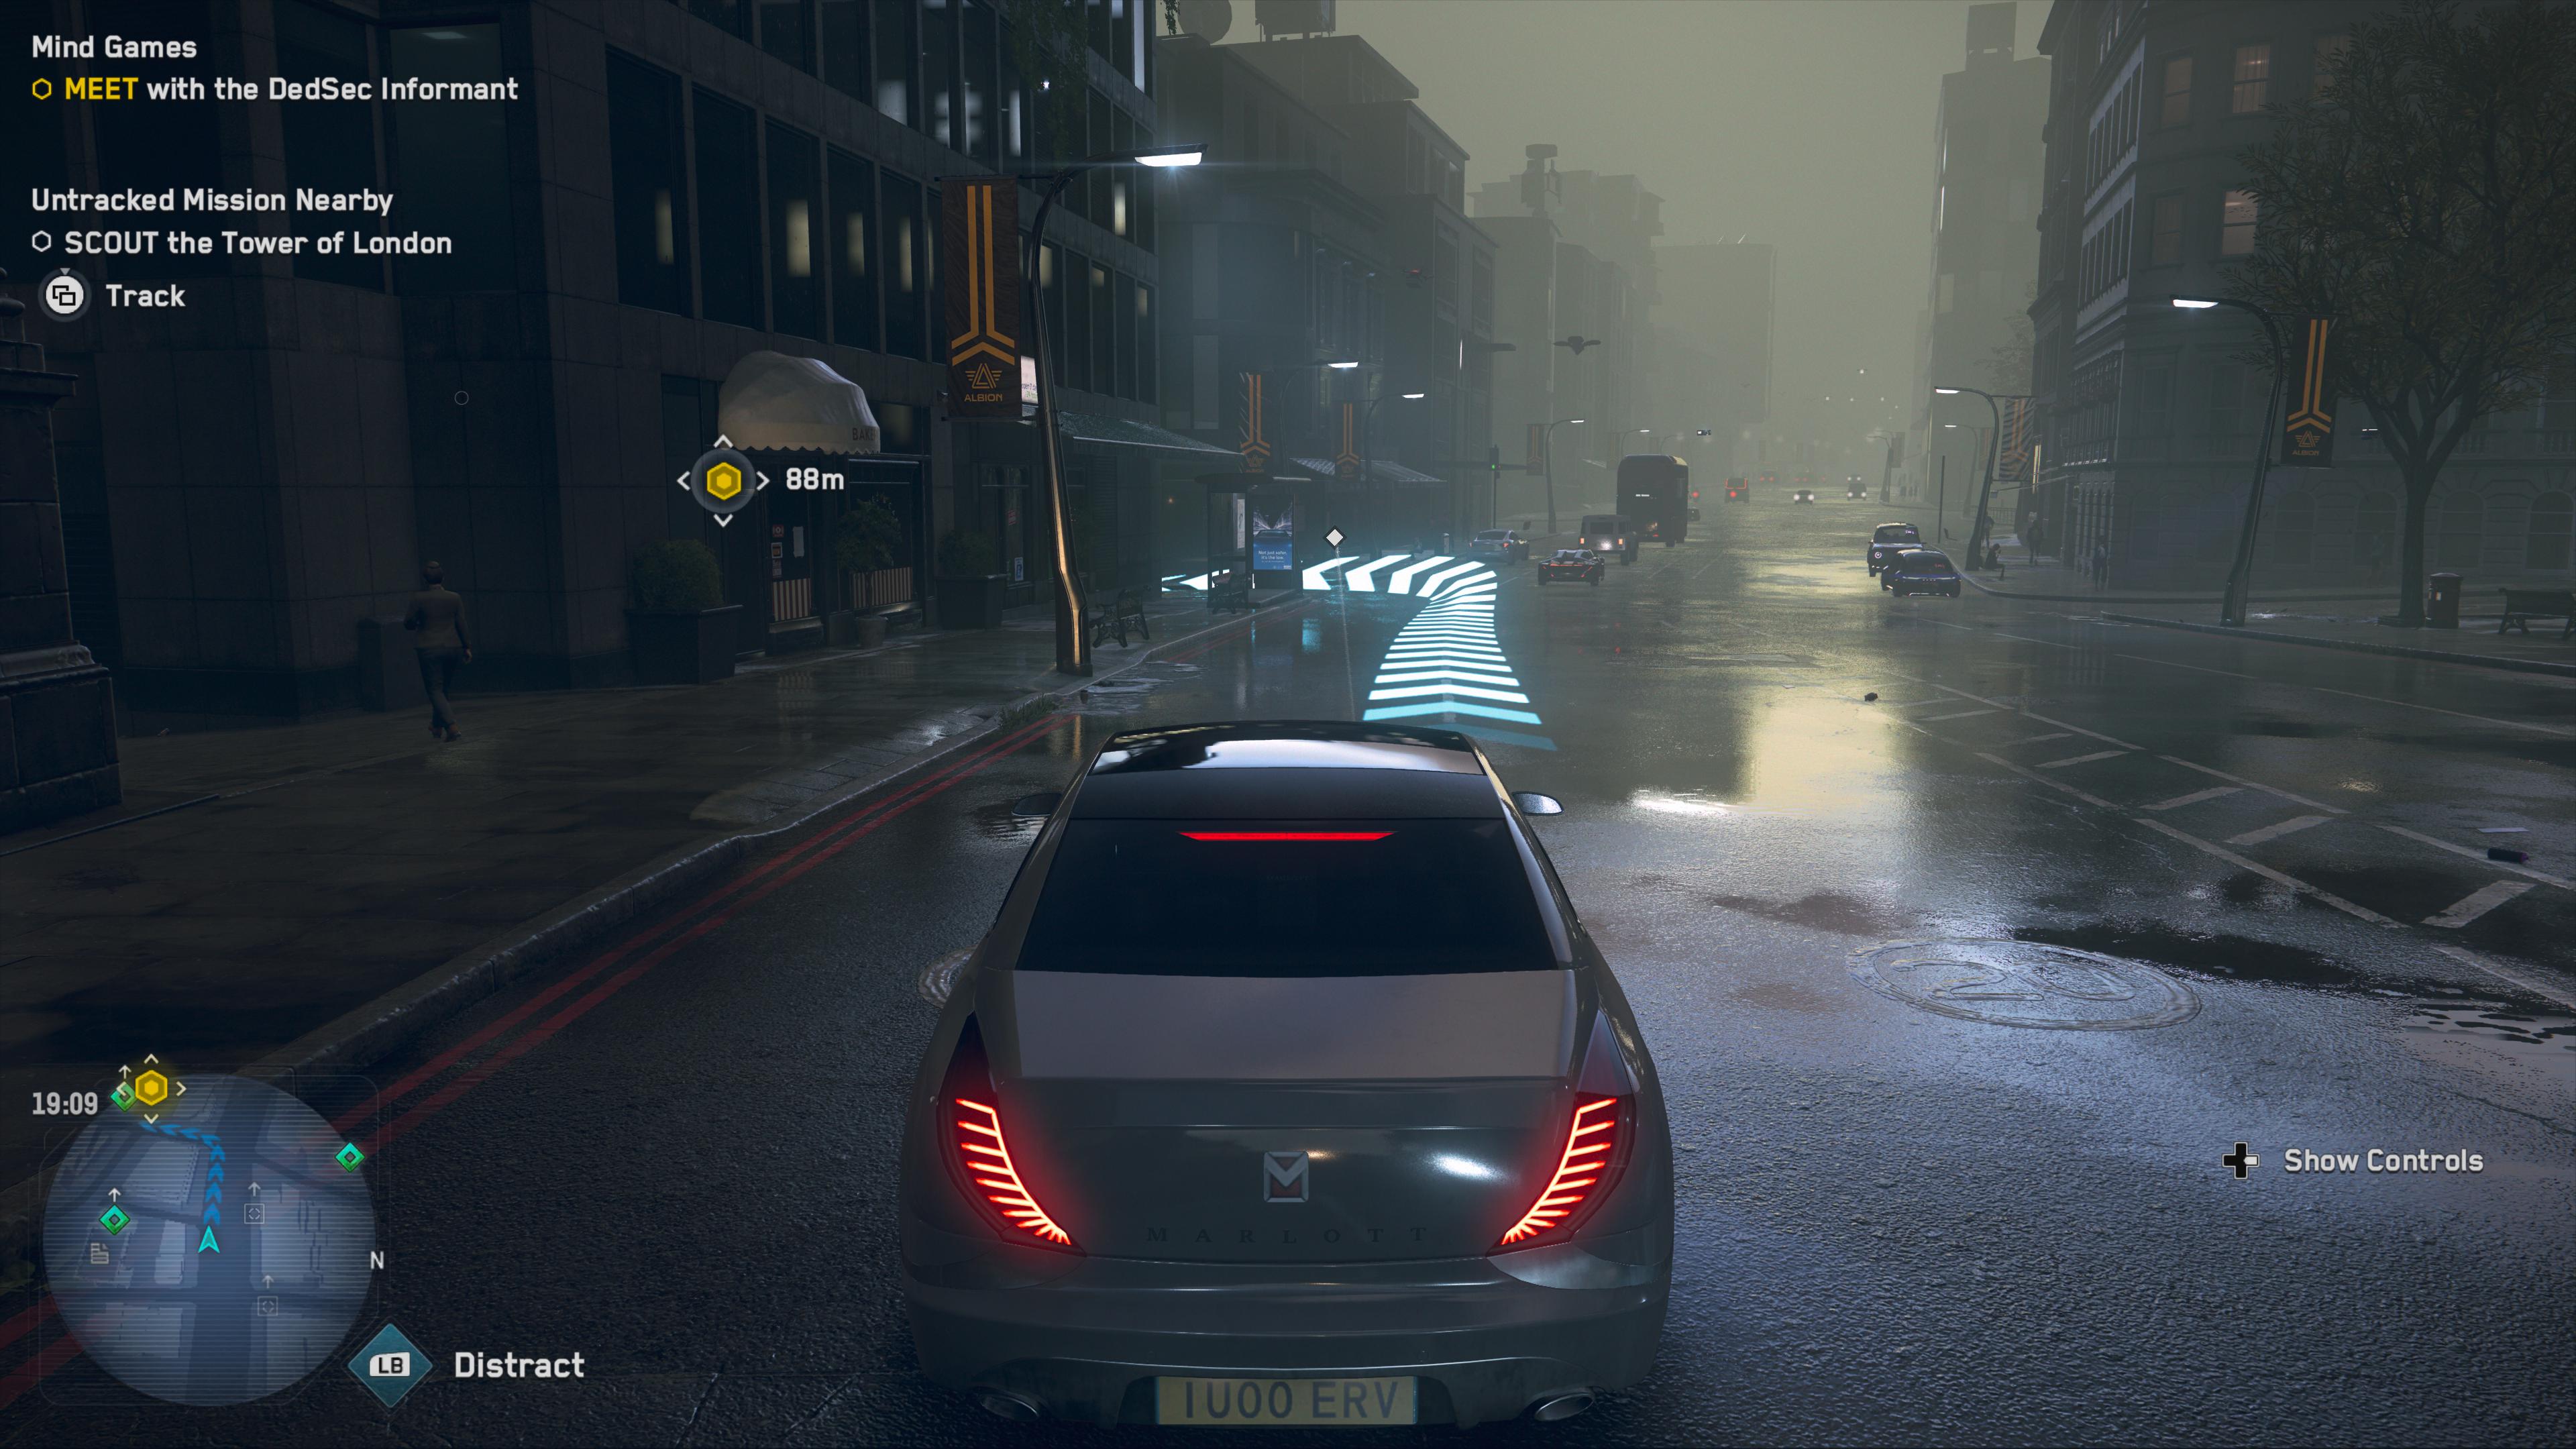 Le jeu a déjà de beaux graphiques avec les consoles de la génération courante de consoles, mais ceux-ci sont encore mieux sur la Xbox Series X